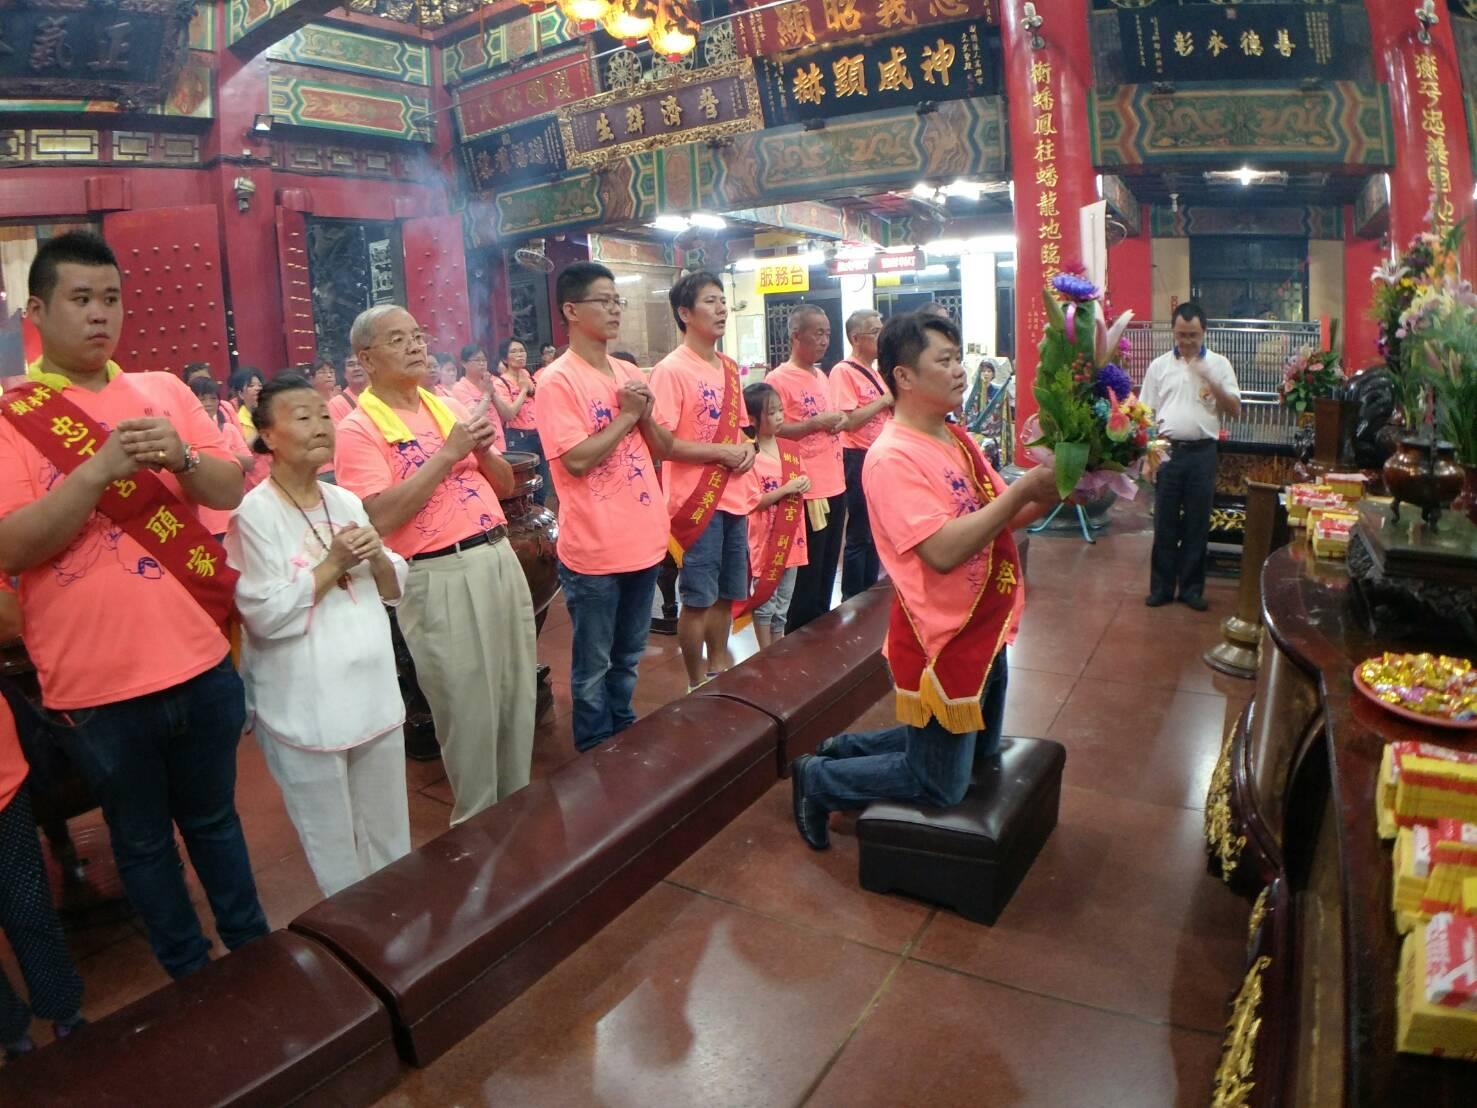 戊戌年國曆7月14日歡迎樹林忠正宮,蒞臨本殿謁祖晉香02